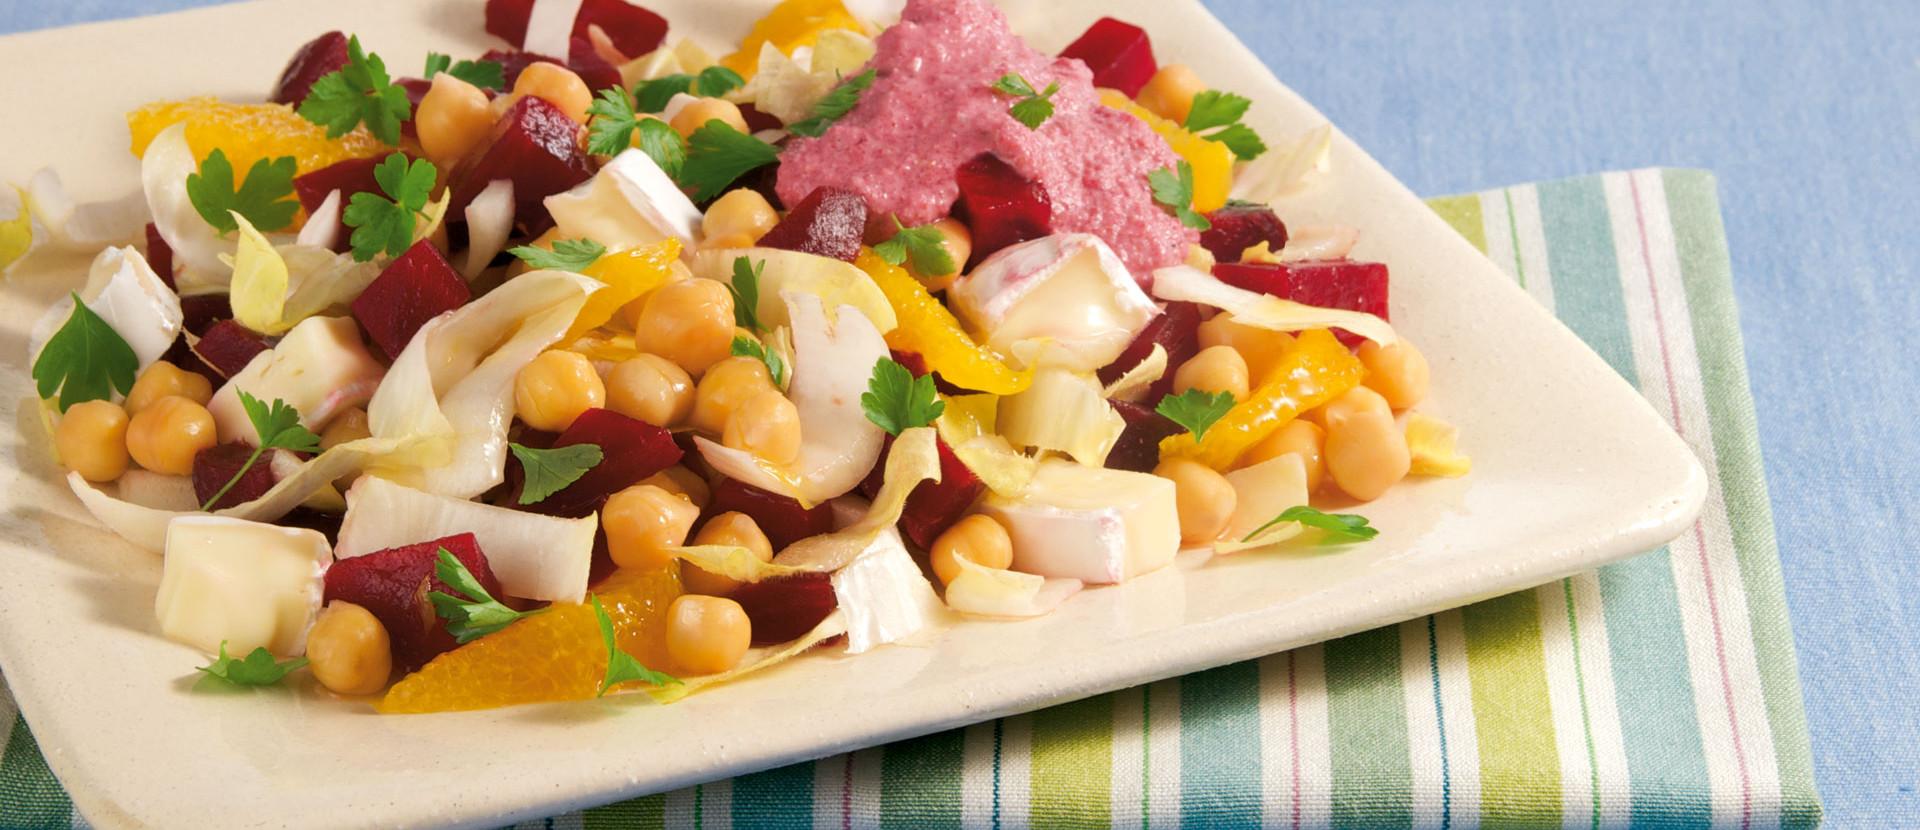 Chicoree-Salat mit Kichererbsen und Rote-Bete-Dressing